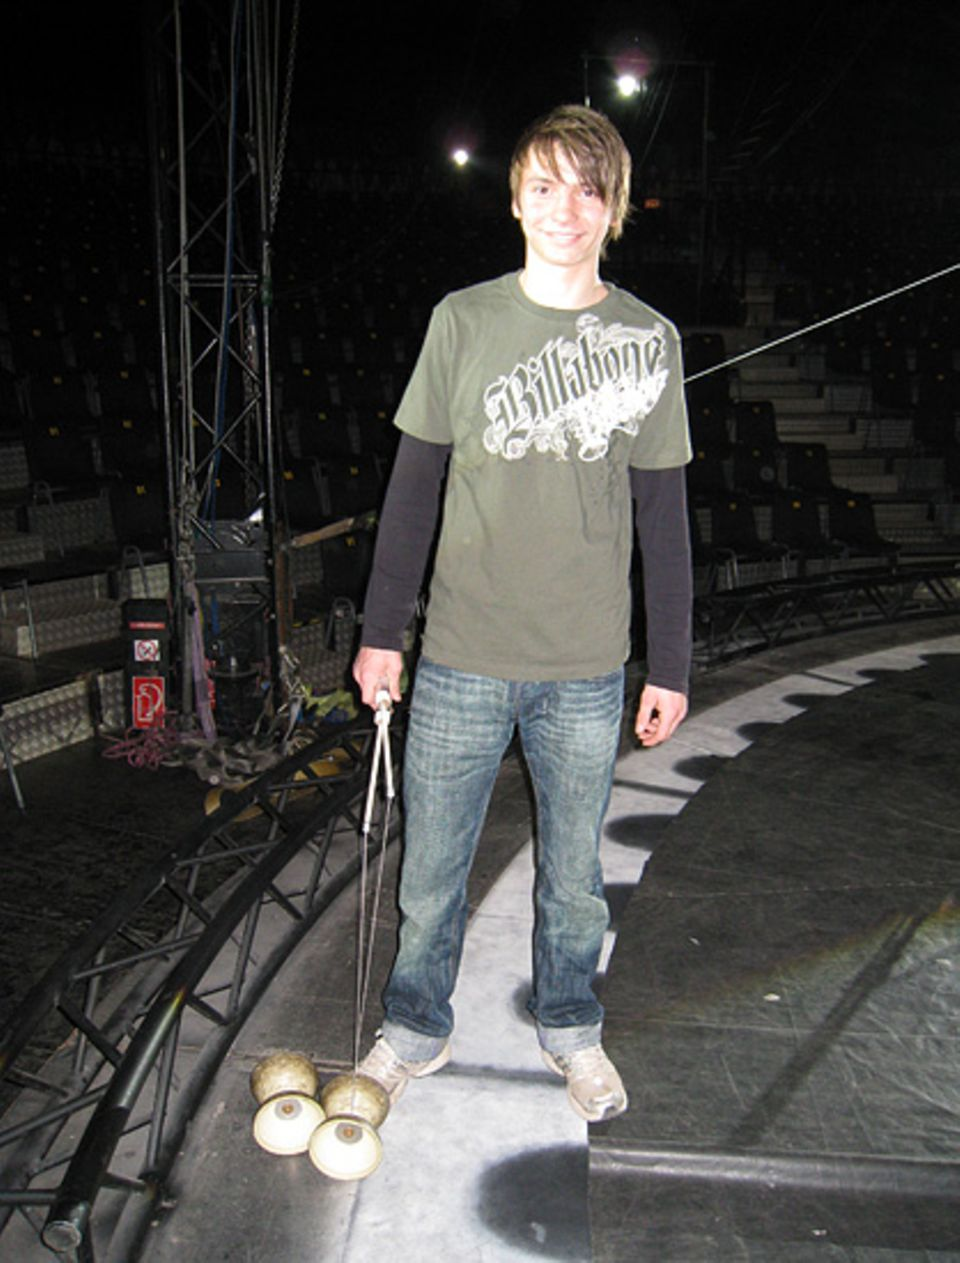 Nicolai ist 15 und liebt das Leben beim Zirkus. Nächstes Jahr will er seinen Realschulabschluss machen - und nebenbei trainiert er fleißig mit seinem Diabolo